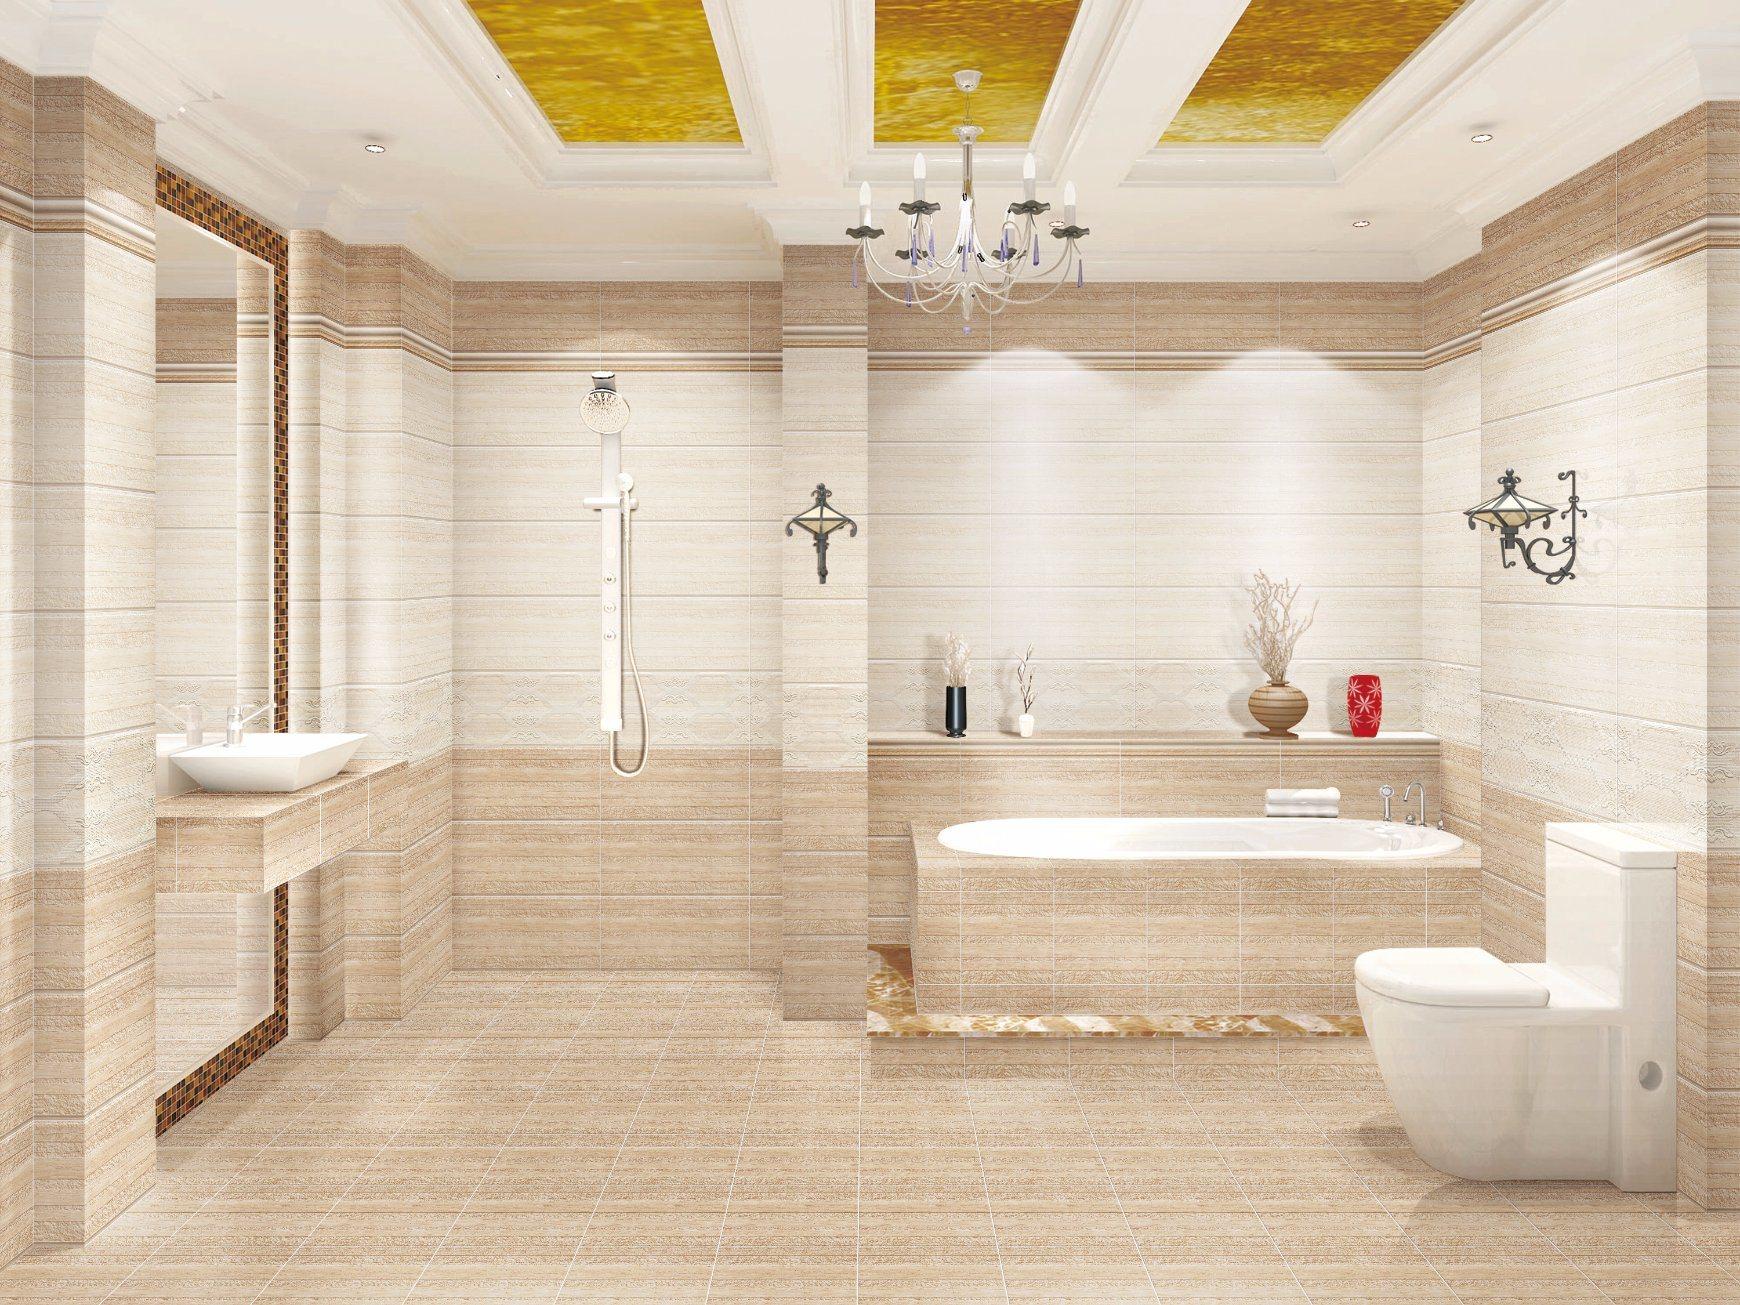 China Cheap Building Materials Wall Ceramic Tile - China Wall Tile ...